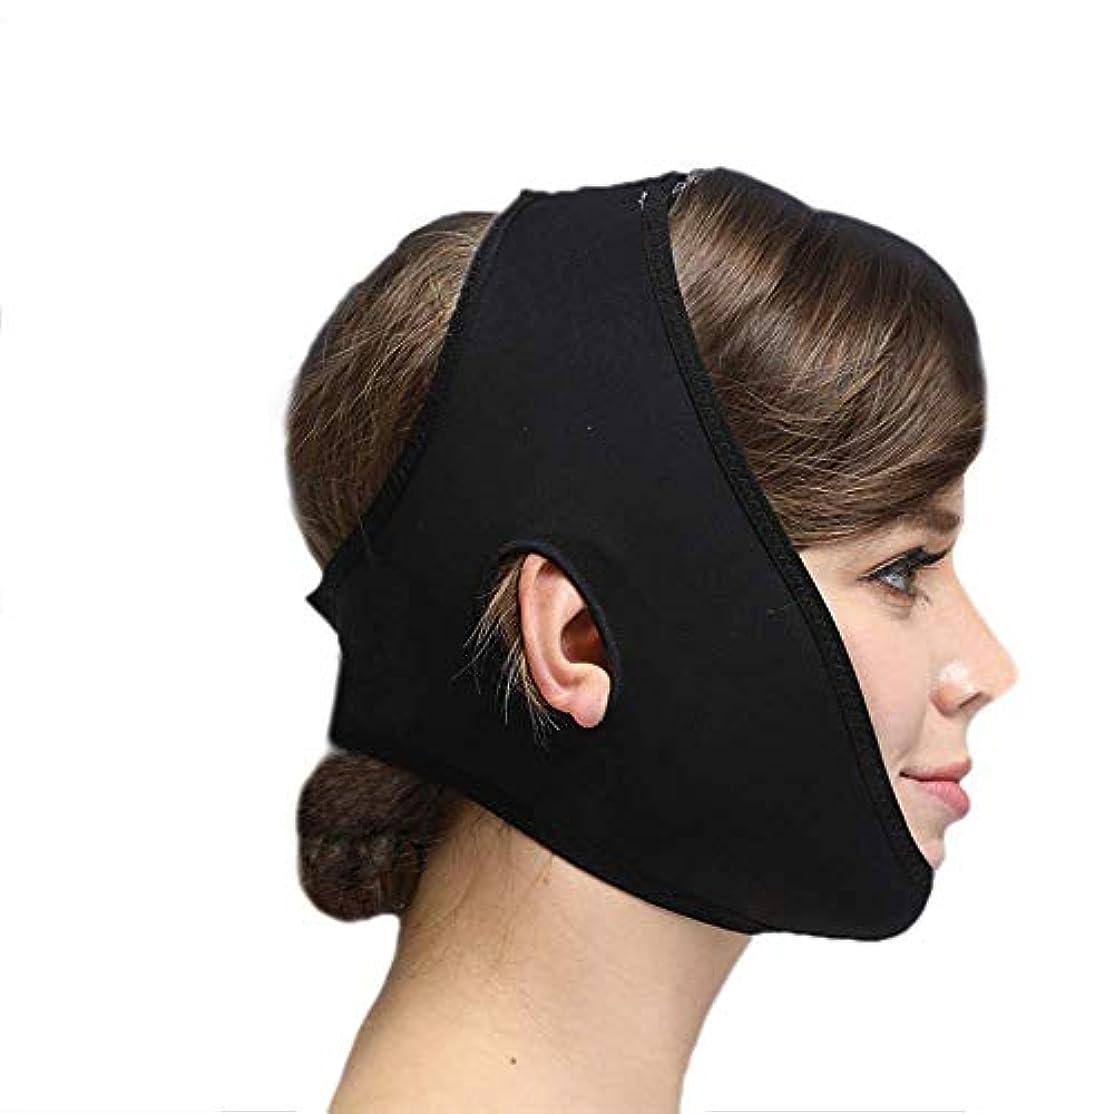 血望ましいティームフェイススリミングマスク、快適さと通気性、フェイシャルリフティング、輪郭の改善された硬さ、ファーミングとリフティングフェイス(カラー:ブラック、サイズ:XL),ブラック2、XXL